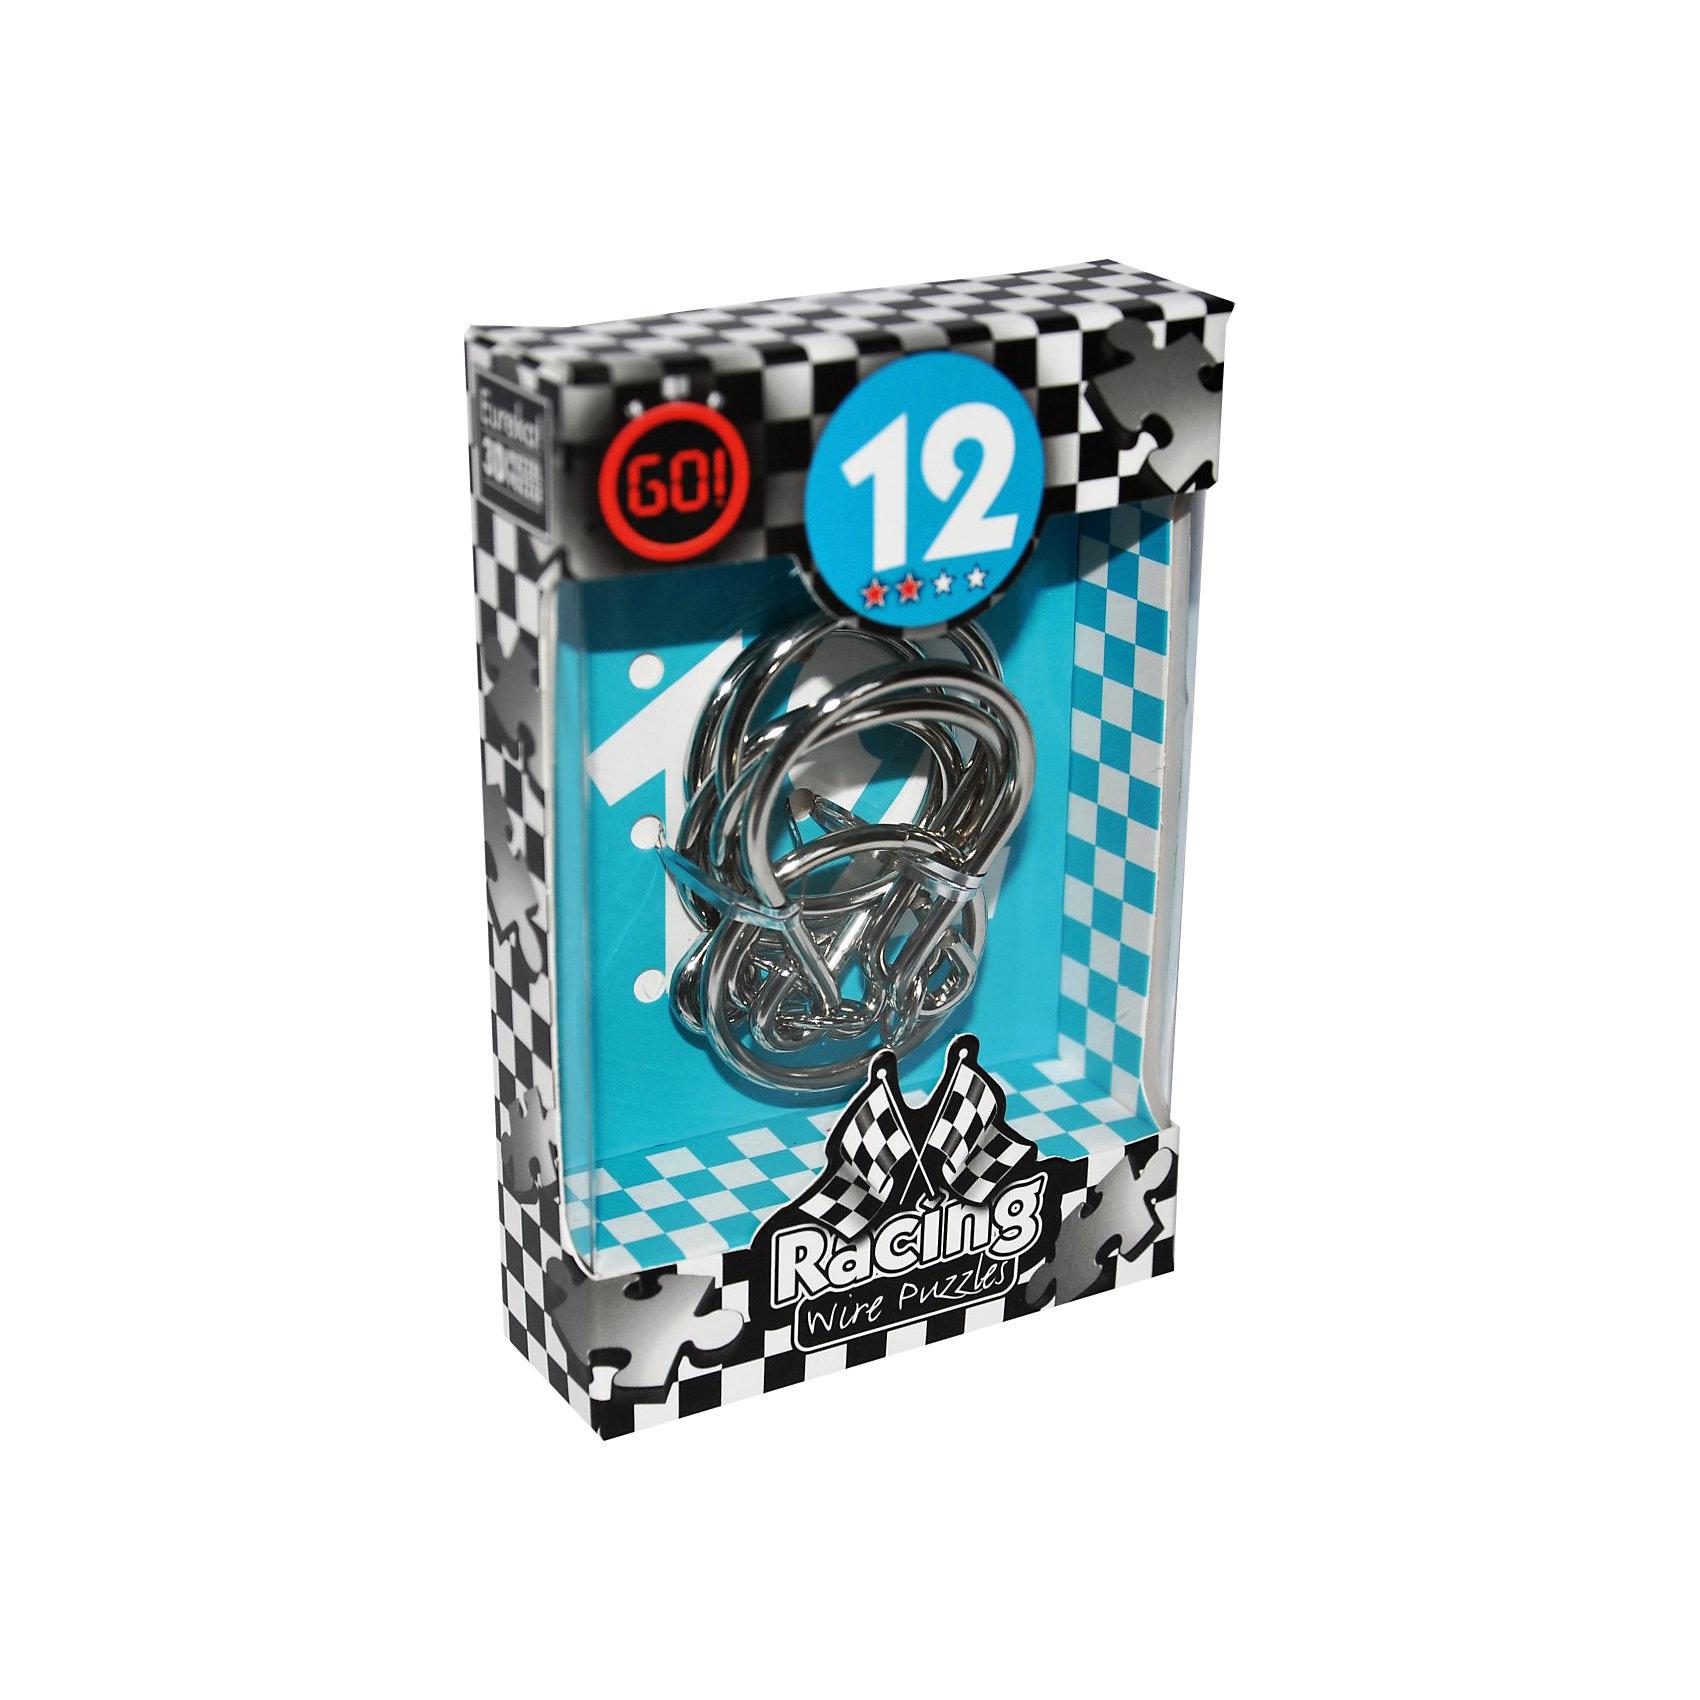 Мини головоломка, Эврика 12Железные головоломки<br>Характеристики:<br><br>• возраст: от 6 лет;<br>• уровень сложности: 2;<br>• материал: металл;<br>• размер головоломки: 7х7х0,3 см;<br>• размер упаковки: 12х8х2,5 см;<br>• вес: 77 г;<br>• тип упаковки: коробка с окошком.<br><br>Головоломка для начинающих средней сложности поможет познакомить детей с загадочным миром логических  игр и лабиринтов. Цель игры – освободить 3 кольца, а затем вернуть их обратно.<br><br>Головоломка - это прекрасный инструмент для ума, вырабатывающий неординарное видение. Увлекательное занятие для детей и взрослых разнообразит досуг. Развивающие занятия стимулируют логику, пространственное мышление и тренируют мелкую моторику.<br><br>Игрушка удобно помещается в ладони, ее можно брать с собой а прогулку или в путешествие. Рекомендуется тем, кто уже прошел 1 уровень сложности.<br><br>Мини-головоломку «Эврика 12», Eureka можно приобрести в нашем интернет-магазине.<br><br>Ширина мм: 25<br>Глубина мм: 80<br>Высота мм: 120<br>Вес г: 77<br>Возраст от месяцев: 36<br>Возраст до месяцев: 2147483647<br>Пол: Унисекс<br>Возраст: Детский<br>SKU: 7025996